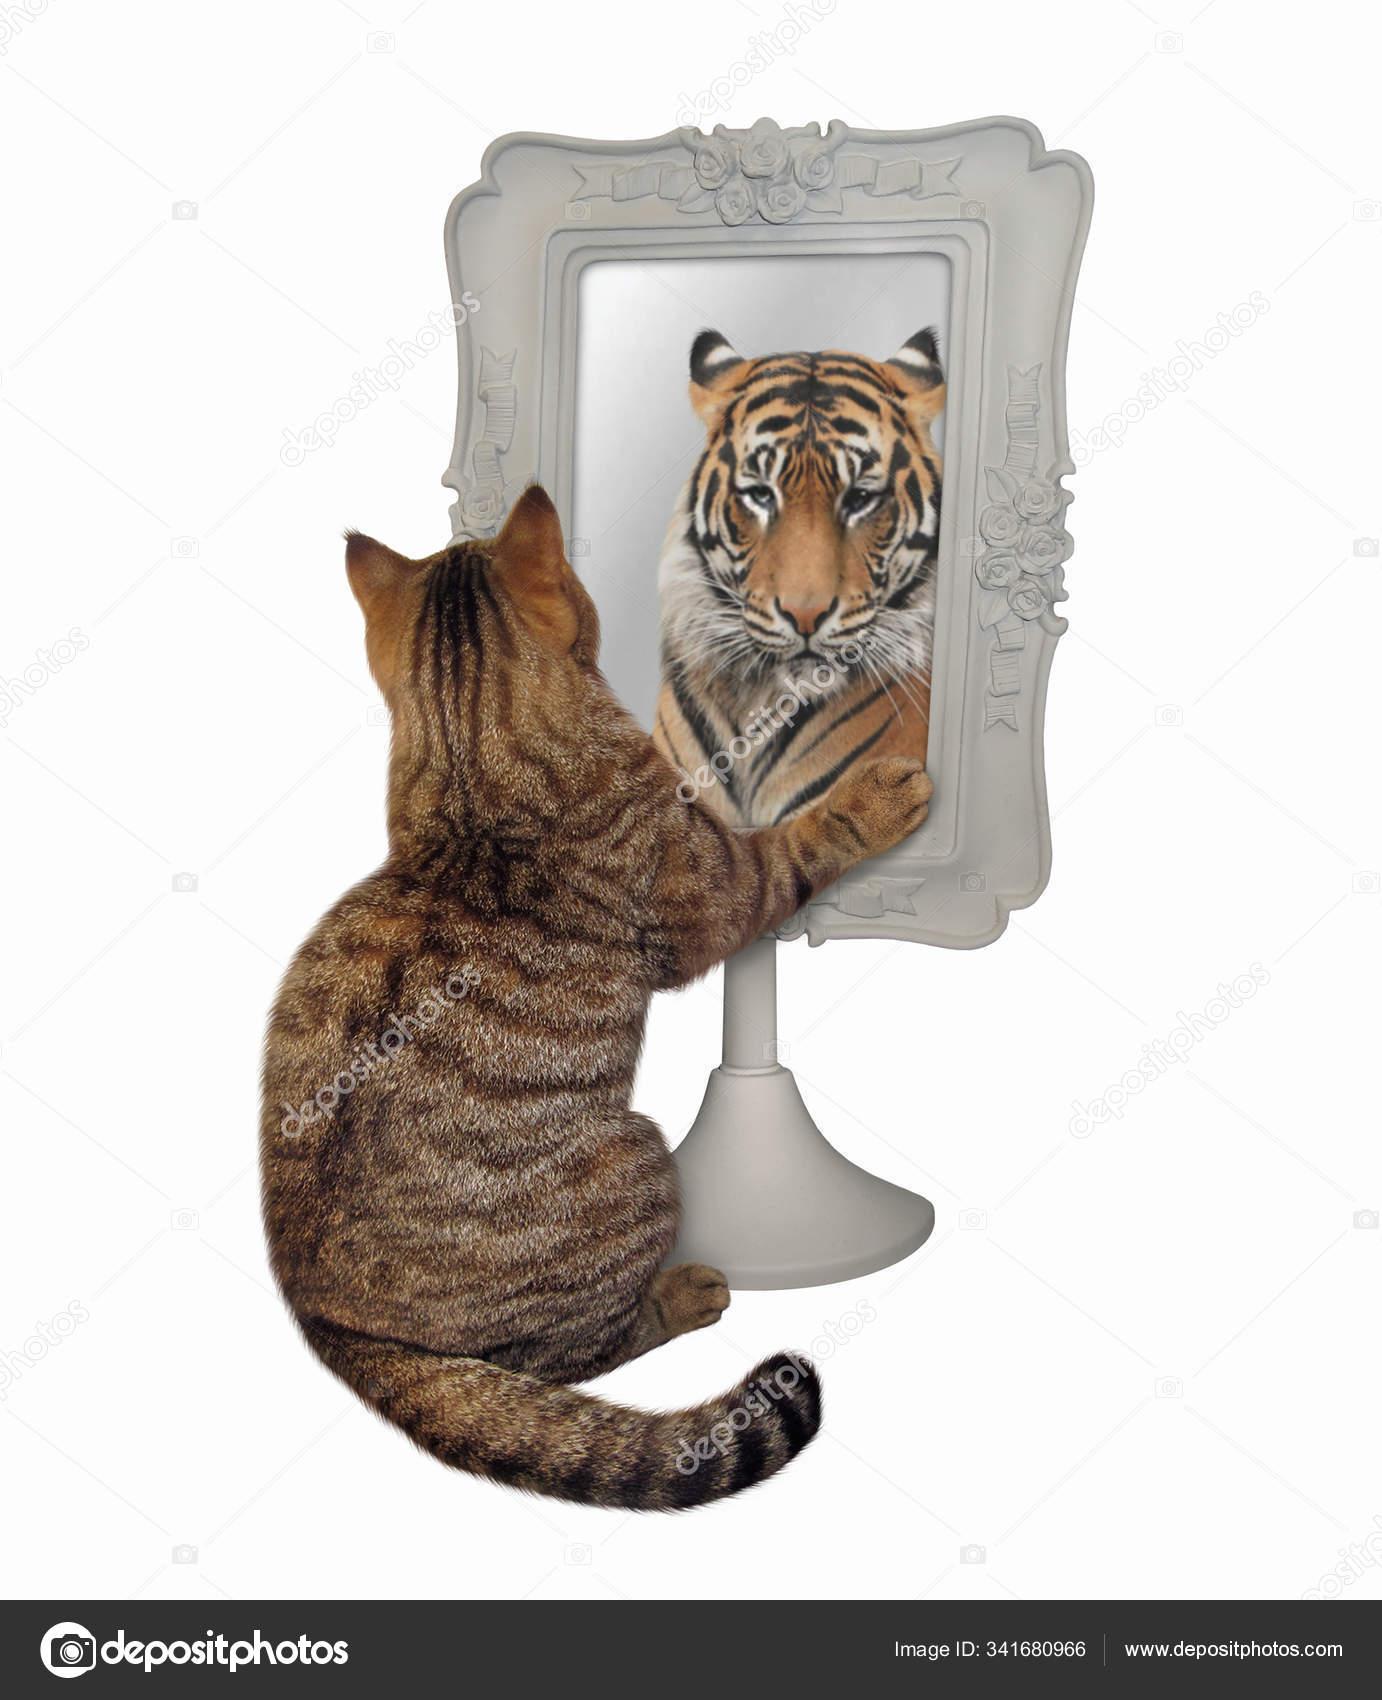 Mirror cat lion Luigi the